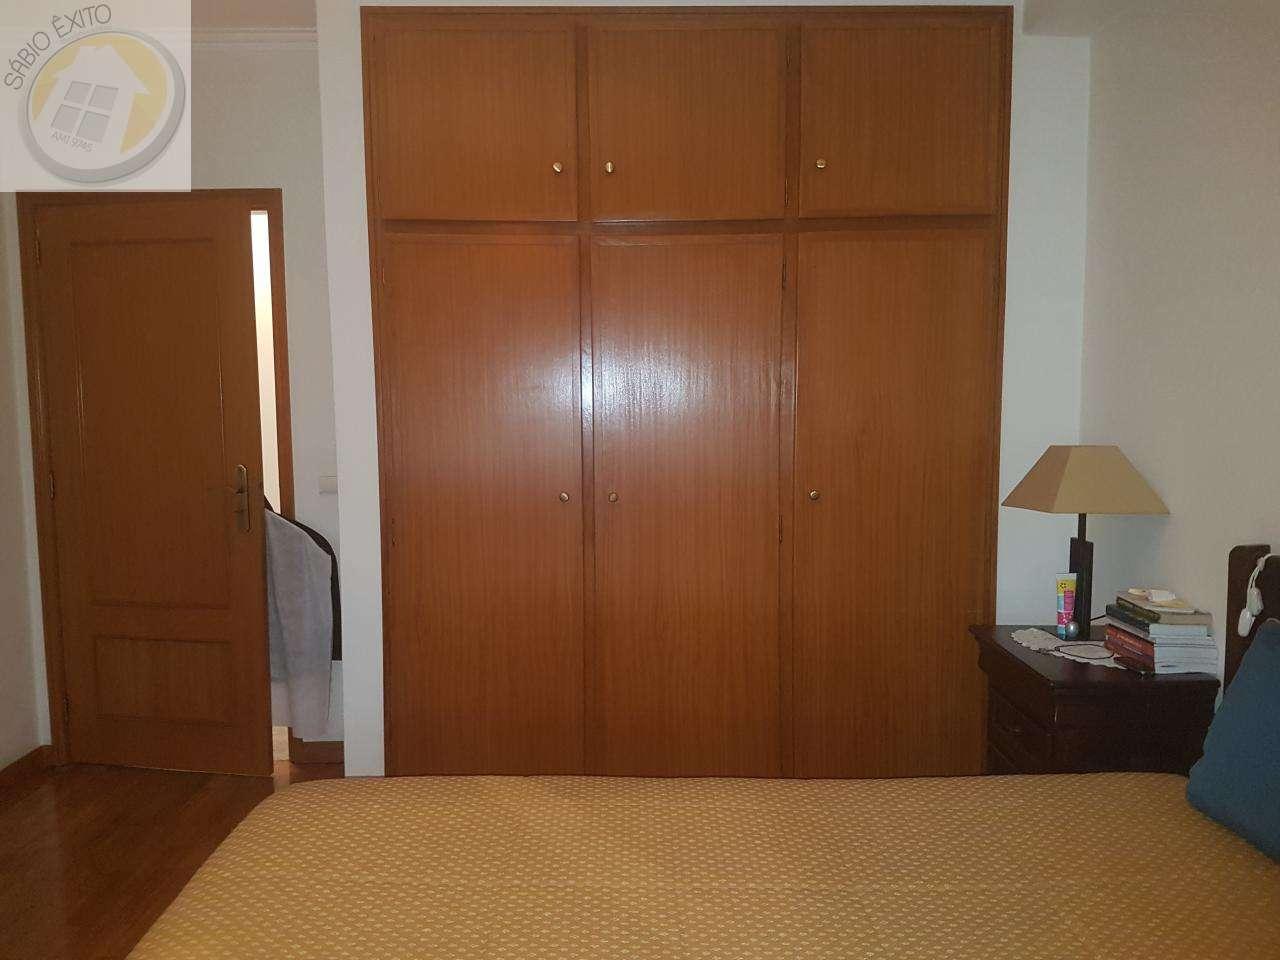 Apartamento para comprar, Mozelos, Santa Maria da Feira, Aveiro - Foto 7